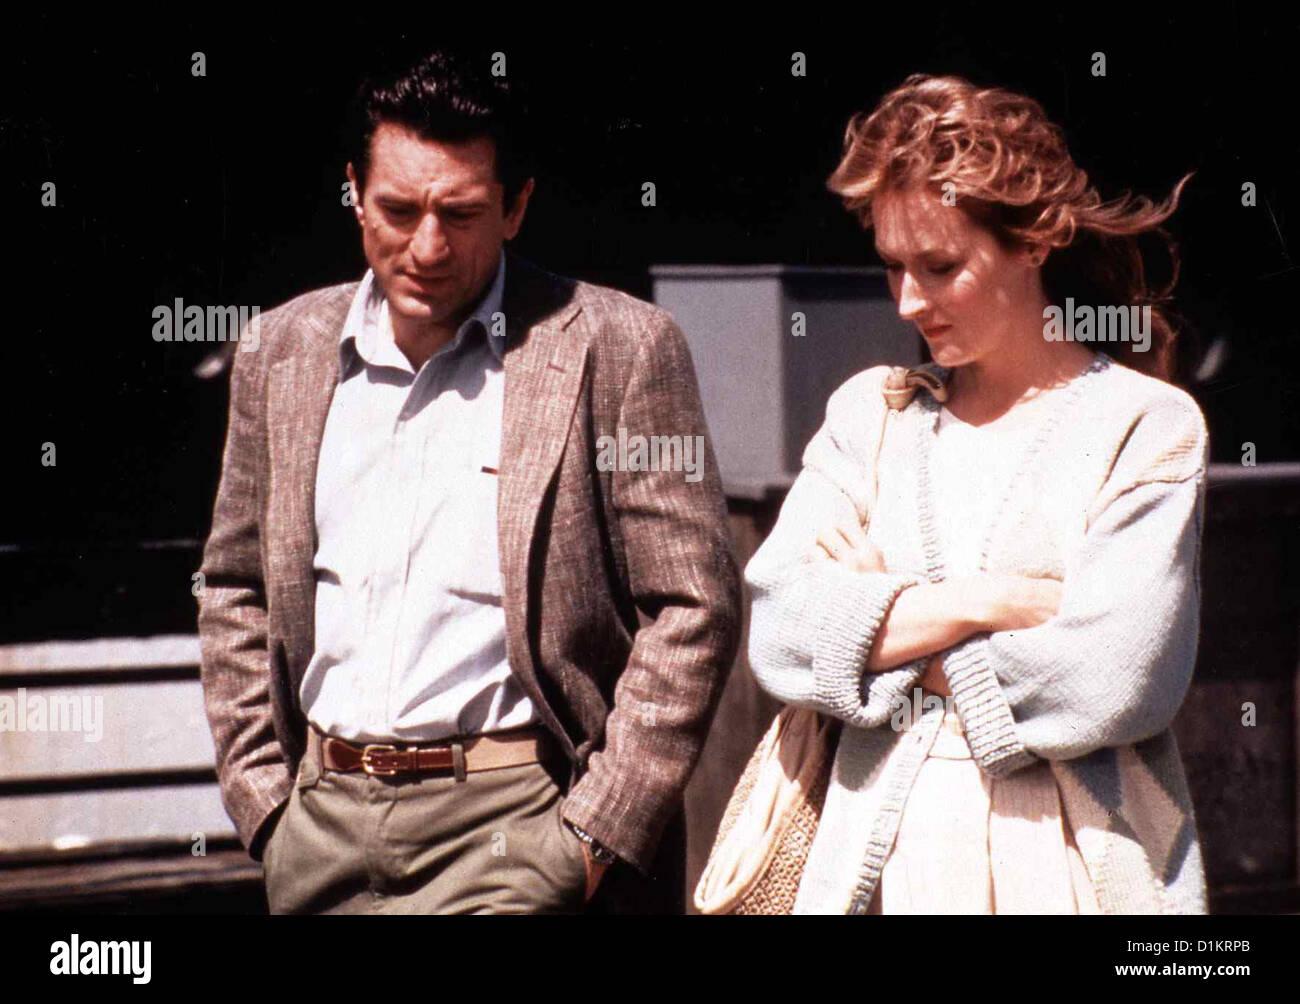 Der Liebe Verfallen  Falling In Love  Robert De Niro, Meryl Streep Obwohl beide verheiratet sind, entwickelt sich - Stock Image